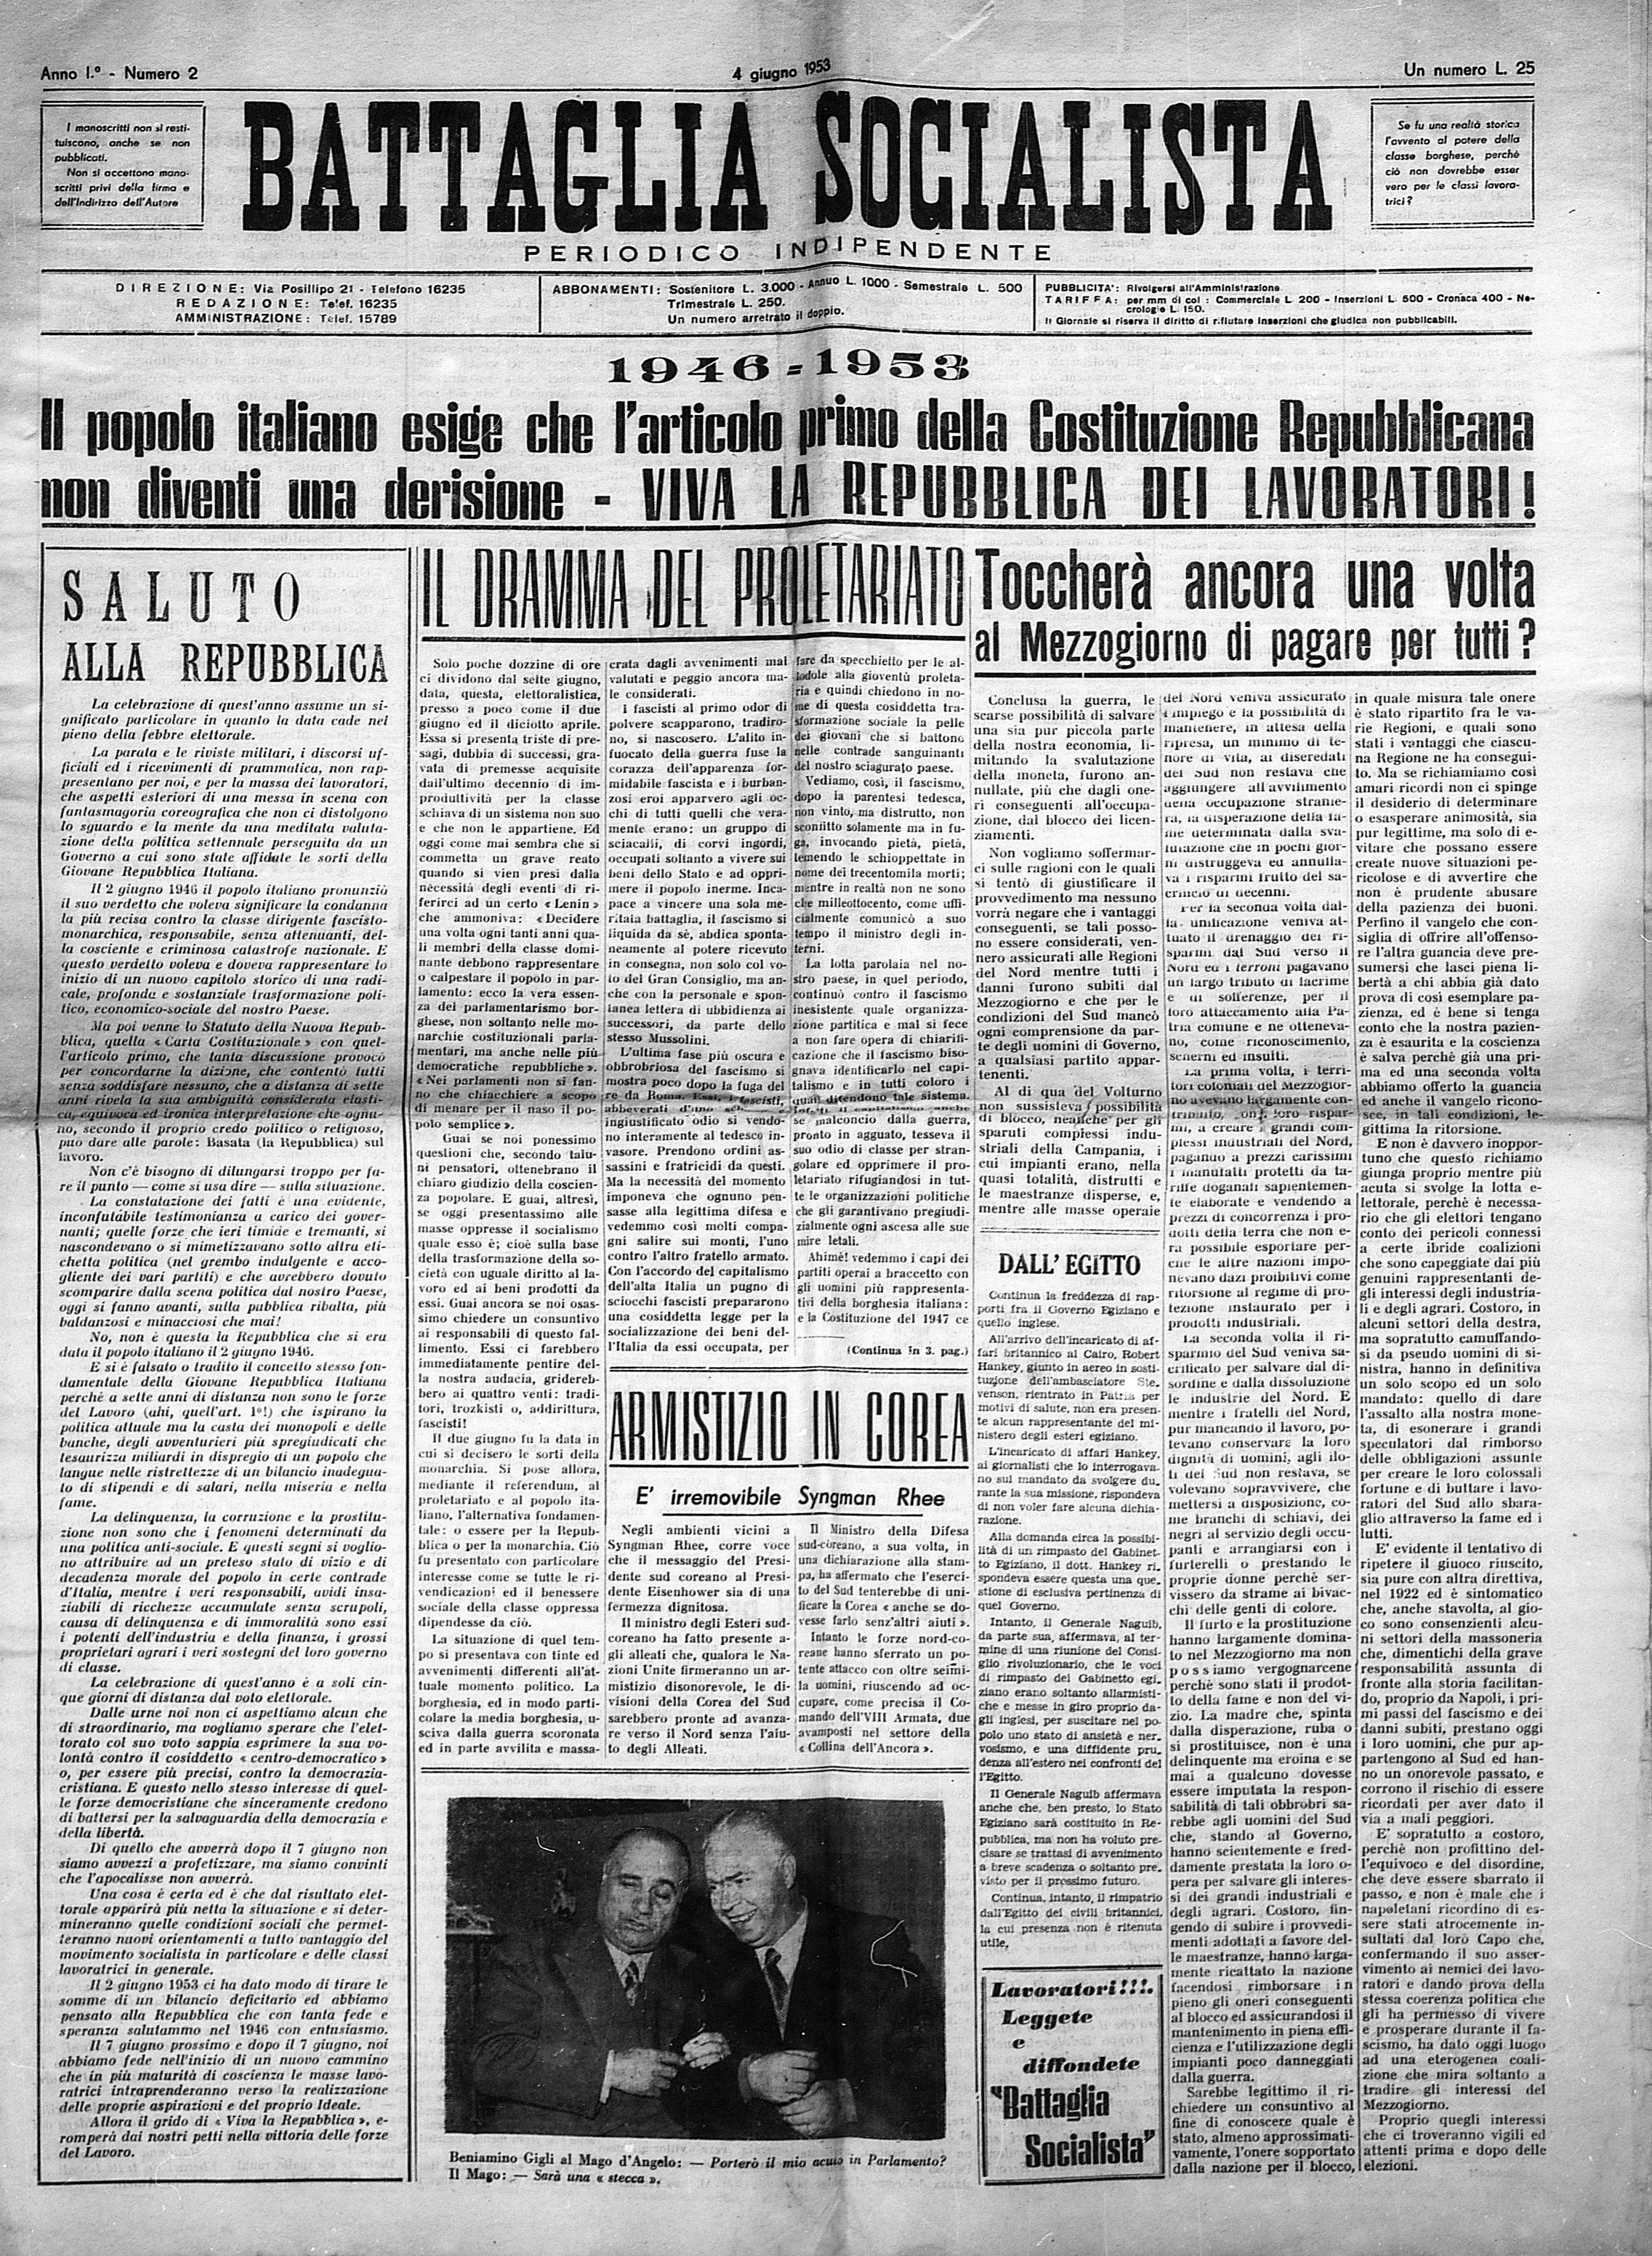 Battaglia Socialista n. 2 anno 1953 - pag. 1